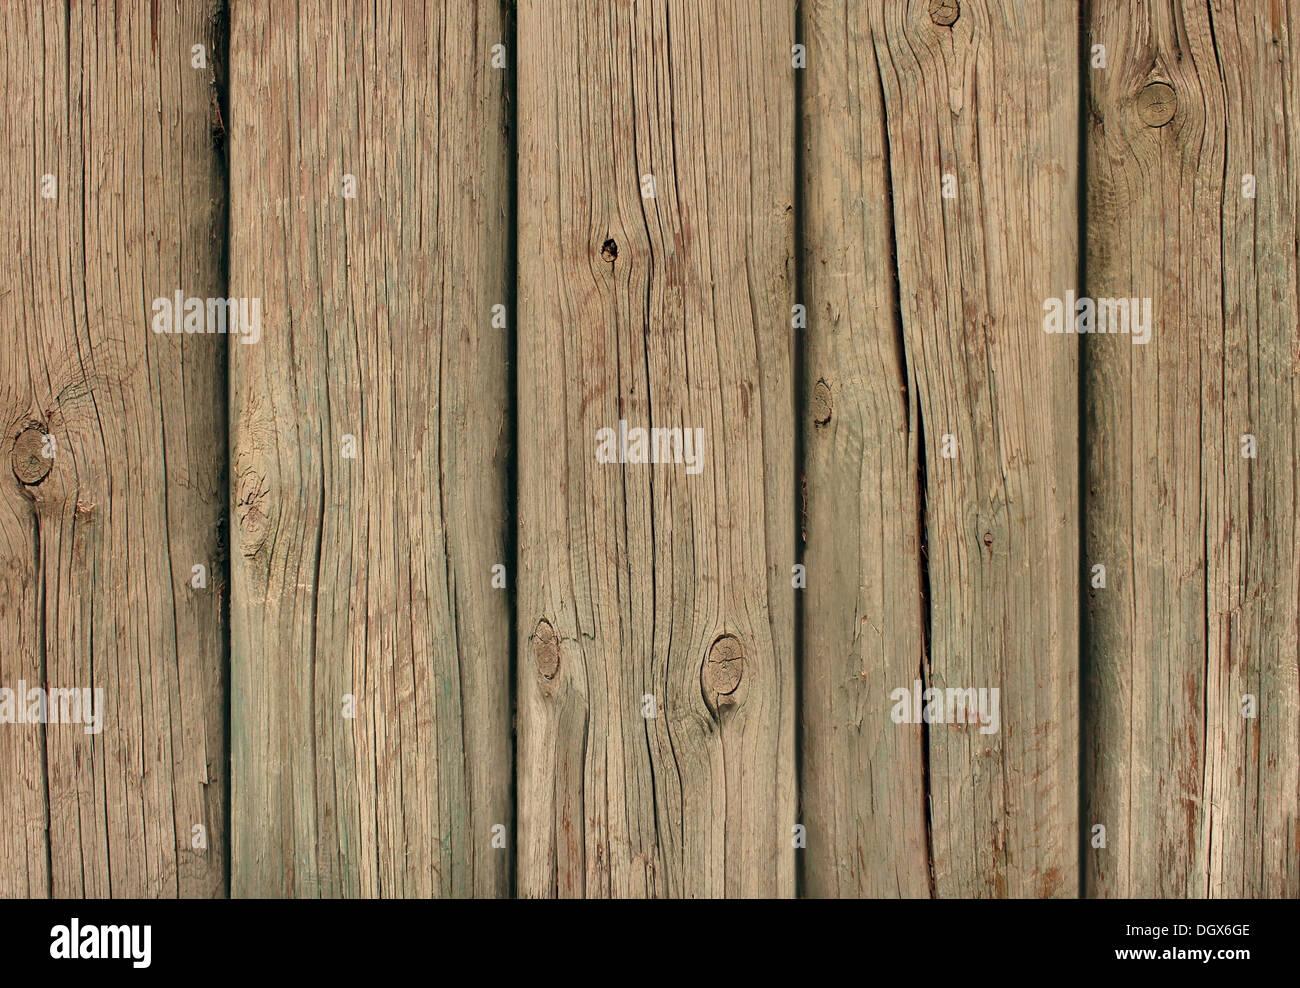 Vecchio weathered Sfondo legno con spessore tagliare tronchi di alberi come un grunge distressed parete antichi di tavole in una configurazione verticale di età Immagini Stock